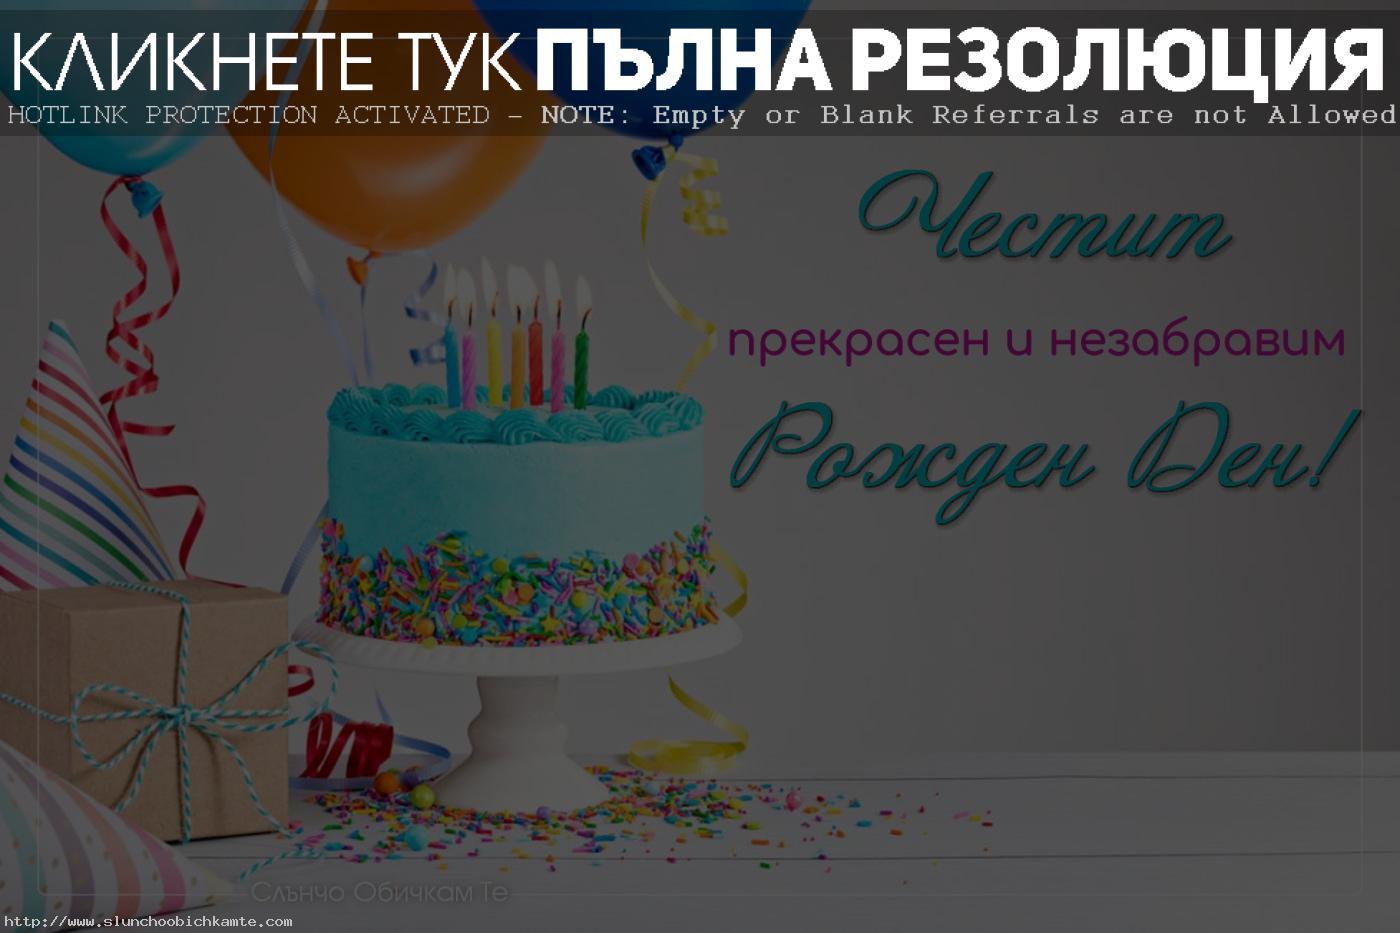 Честит прекрасен и незабравим рожден ден, торта със свещички, картички за рожден ден, пожелания за рожден ден